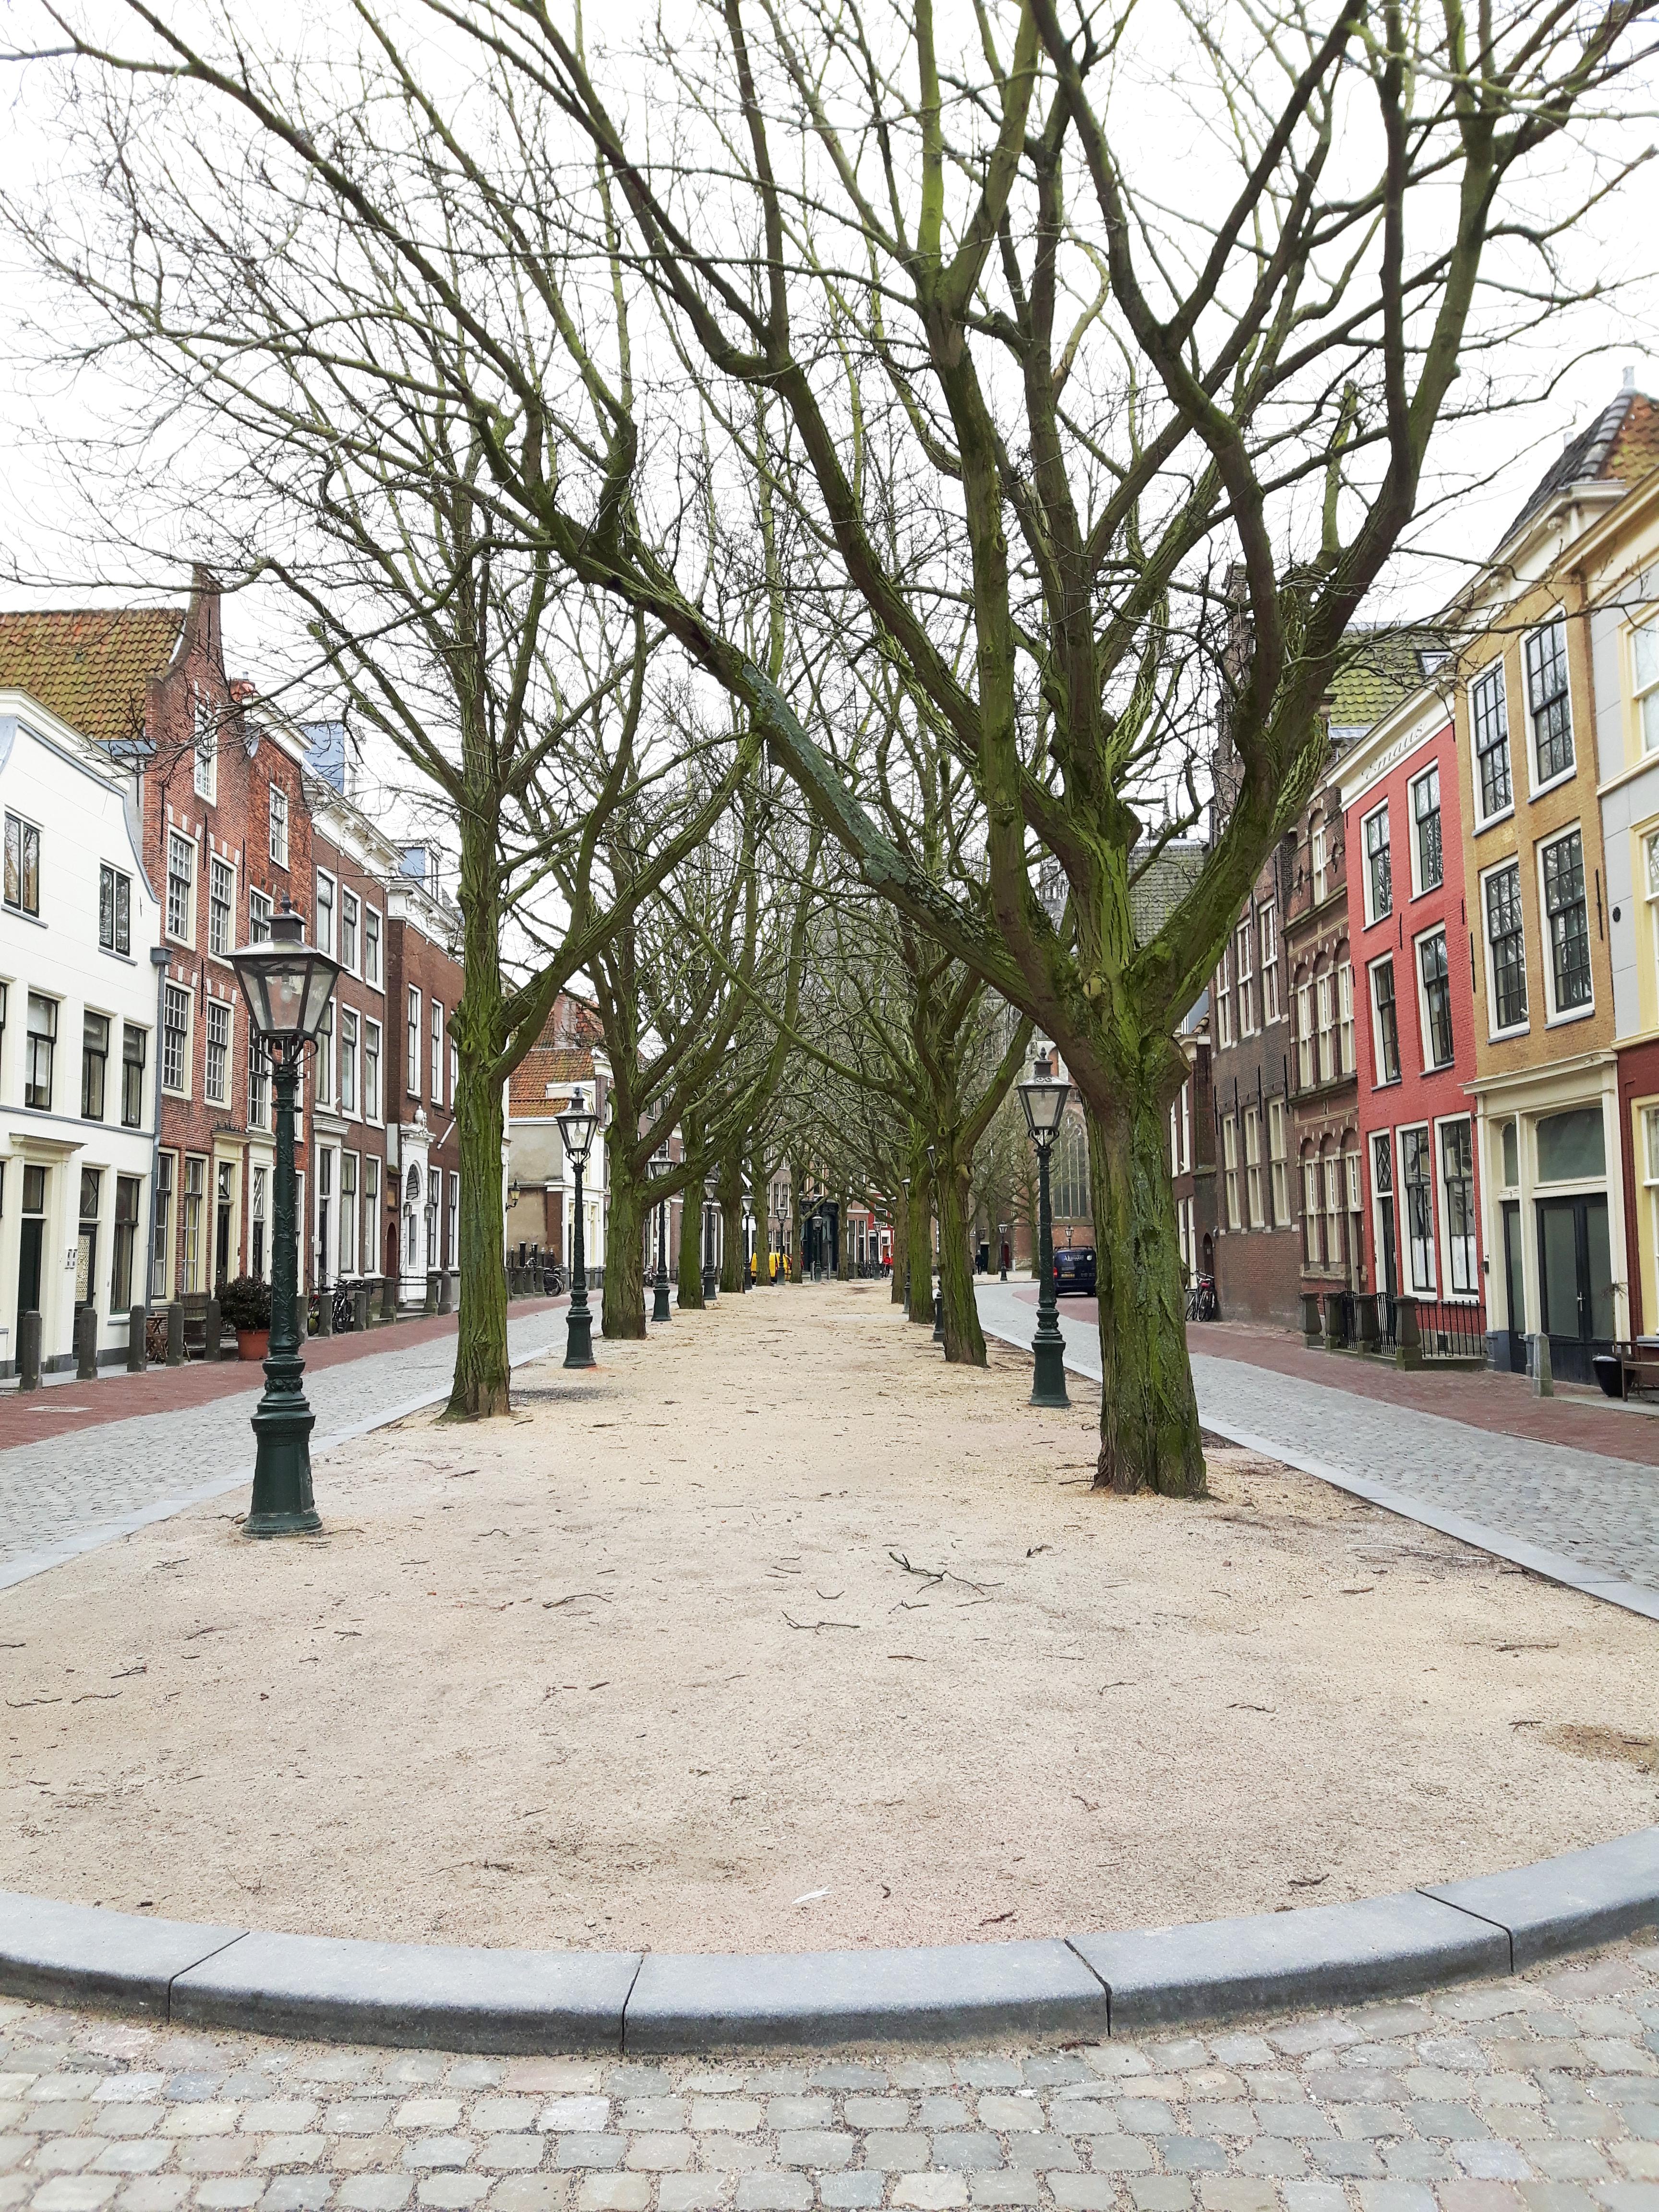 Hooglandse_Kerkgracht_Leiden_Netherlands